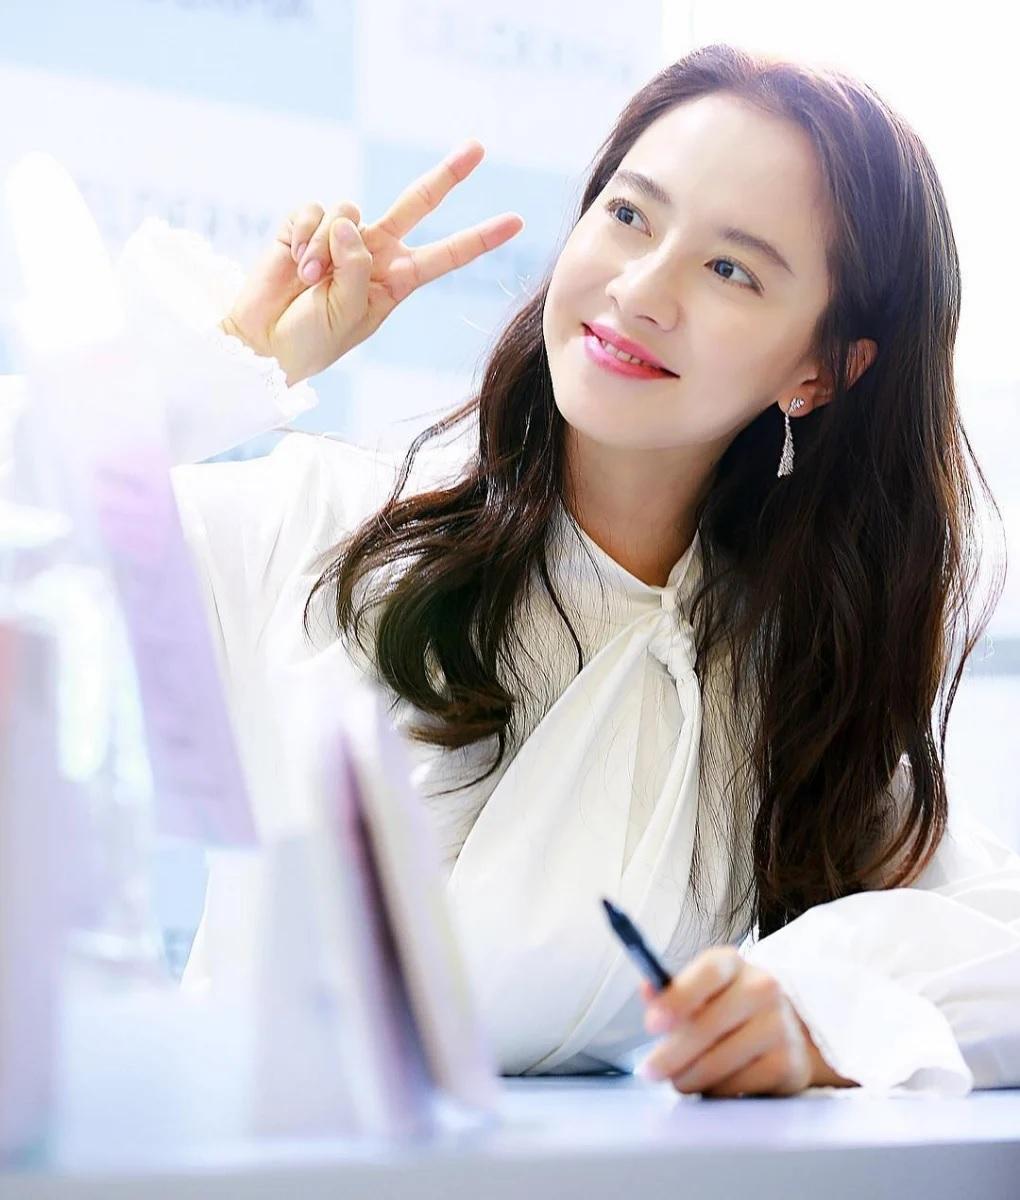 Đã 39 tuổi nhưng làn da của Song Ji Hyo vẫn láng mượt như thời 20 nhờ 5 bí kíp sau - Ảnh 5.